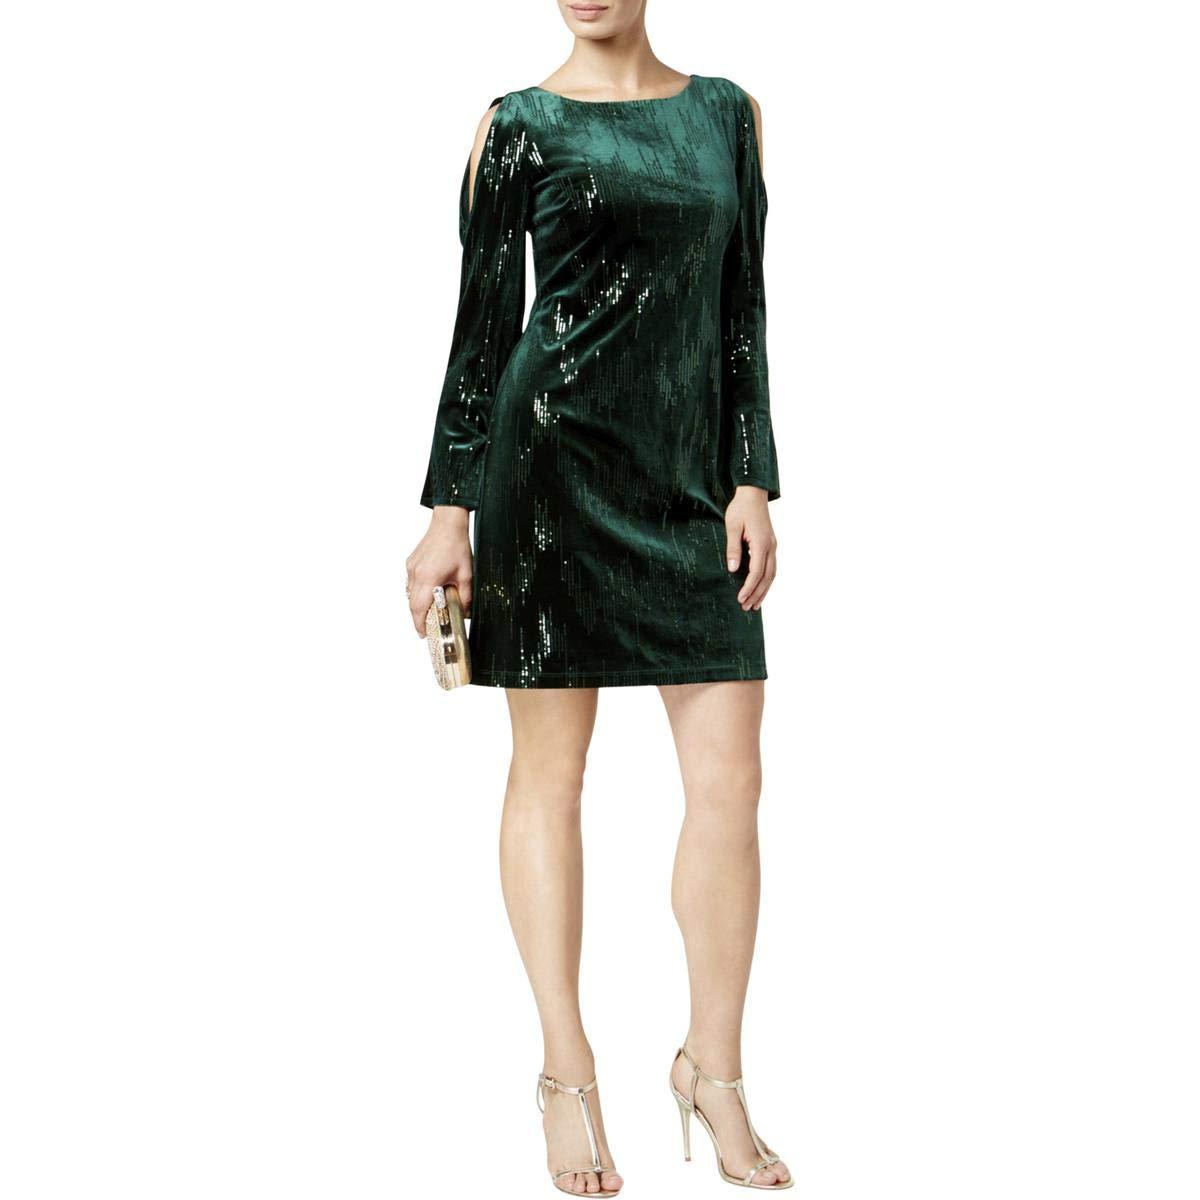 f3a7daa6c9e02 Amazon.com: Jessica Howard Womens Sequin Cold-Shoulder Sheath Dress ...